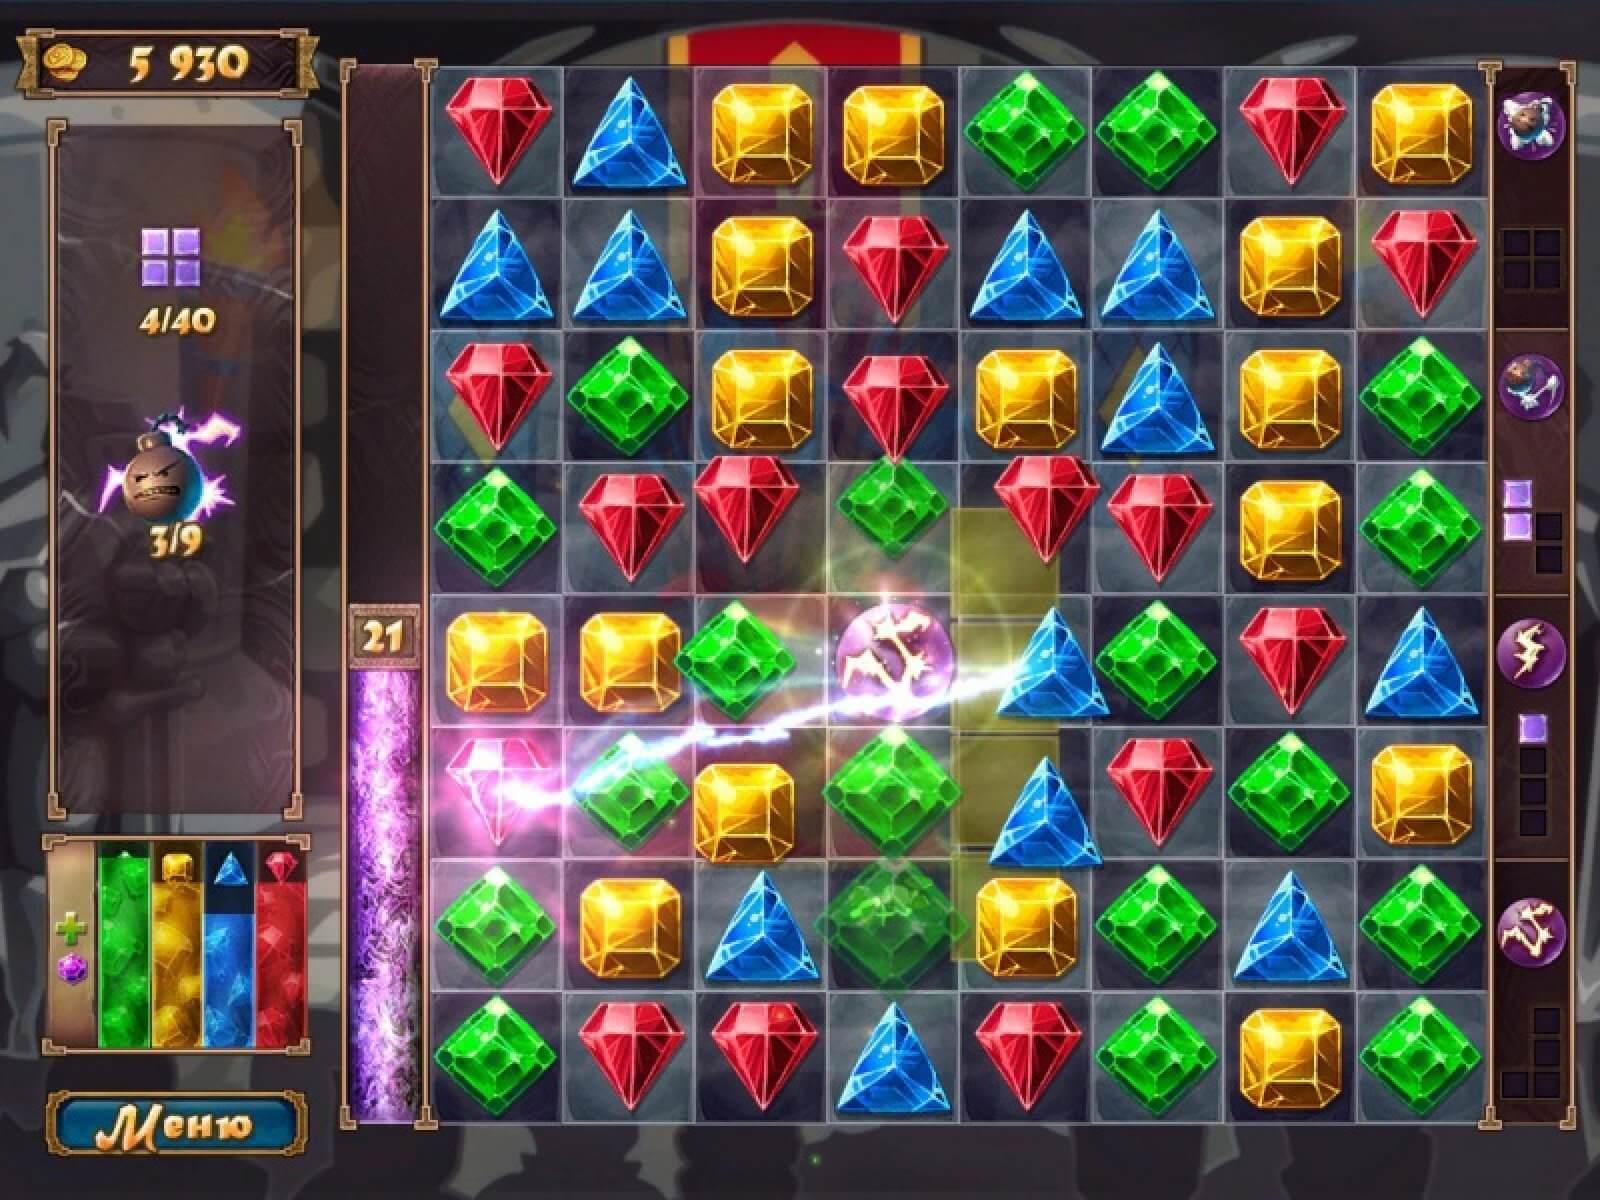 камни играть онлайн